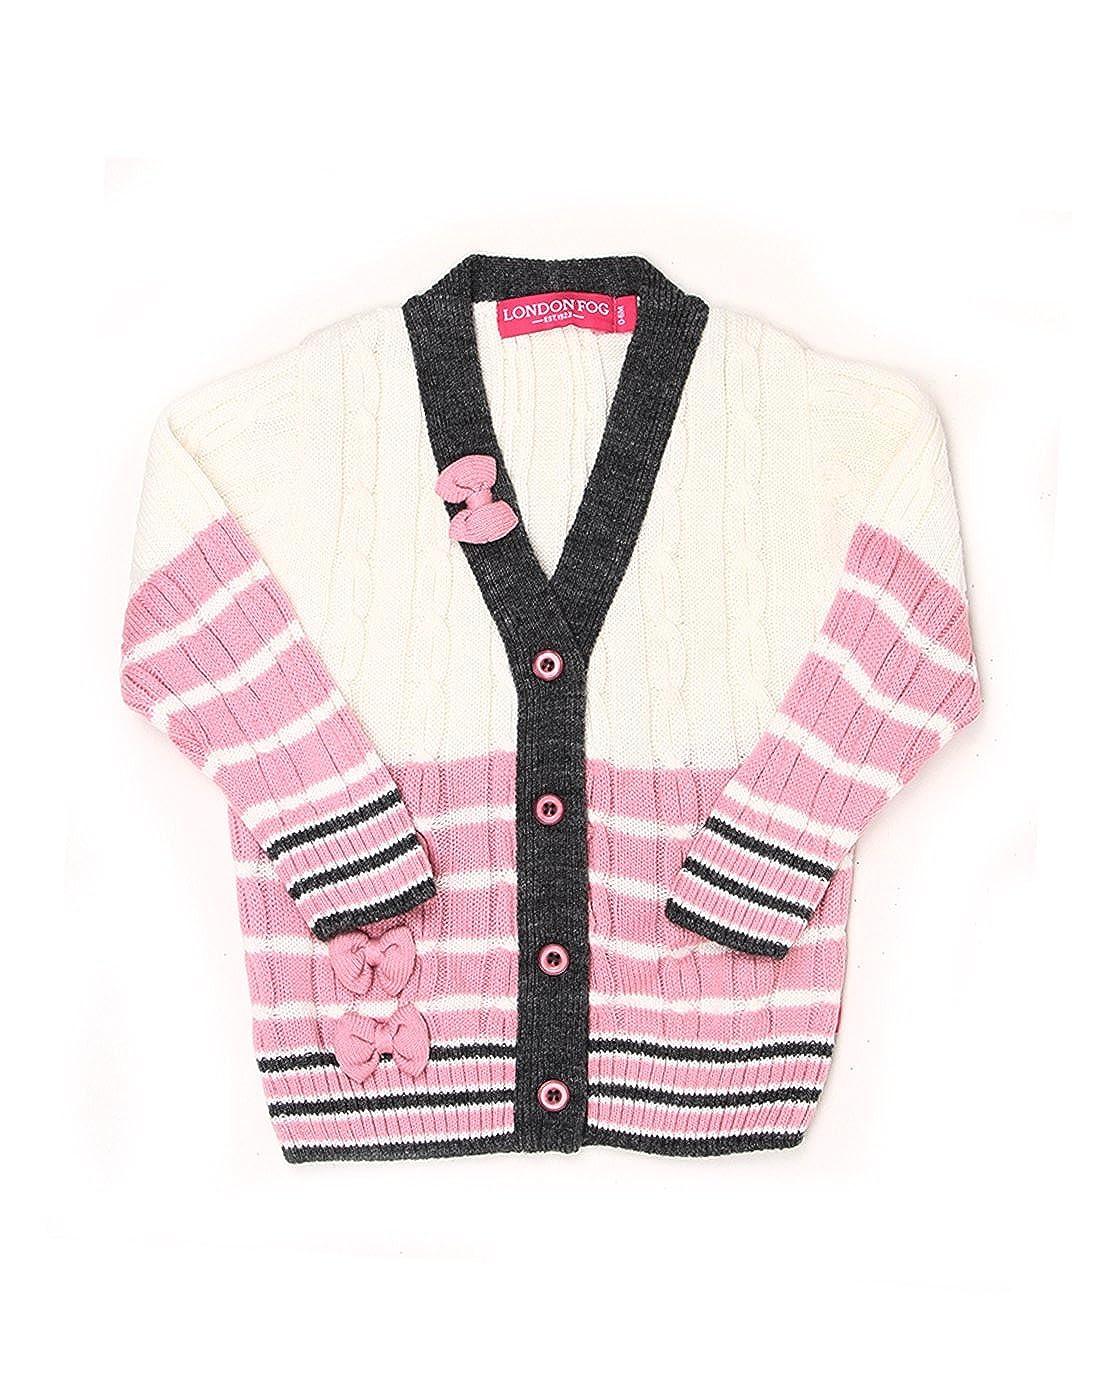 fa5e9e07f London Fog Infant Girls Casual Sweater( 8907174032337 White 0-6 ...